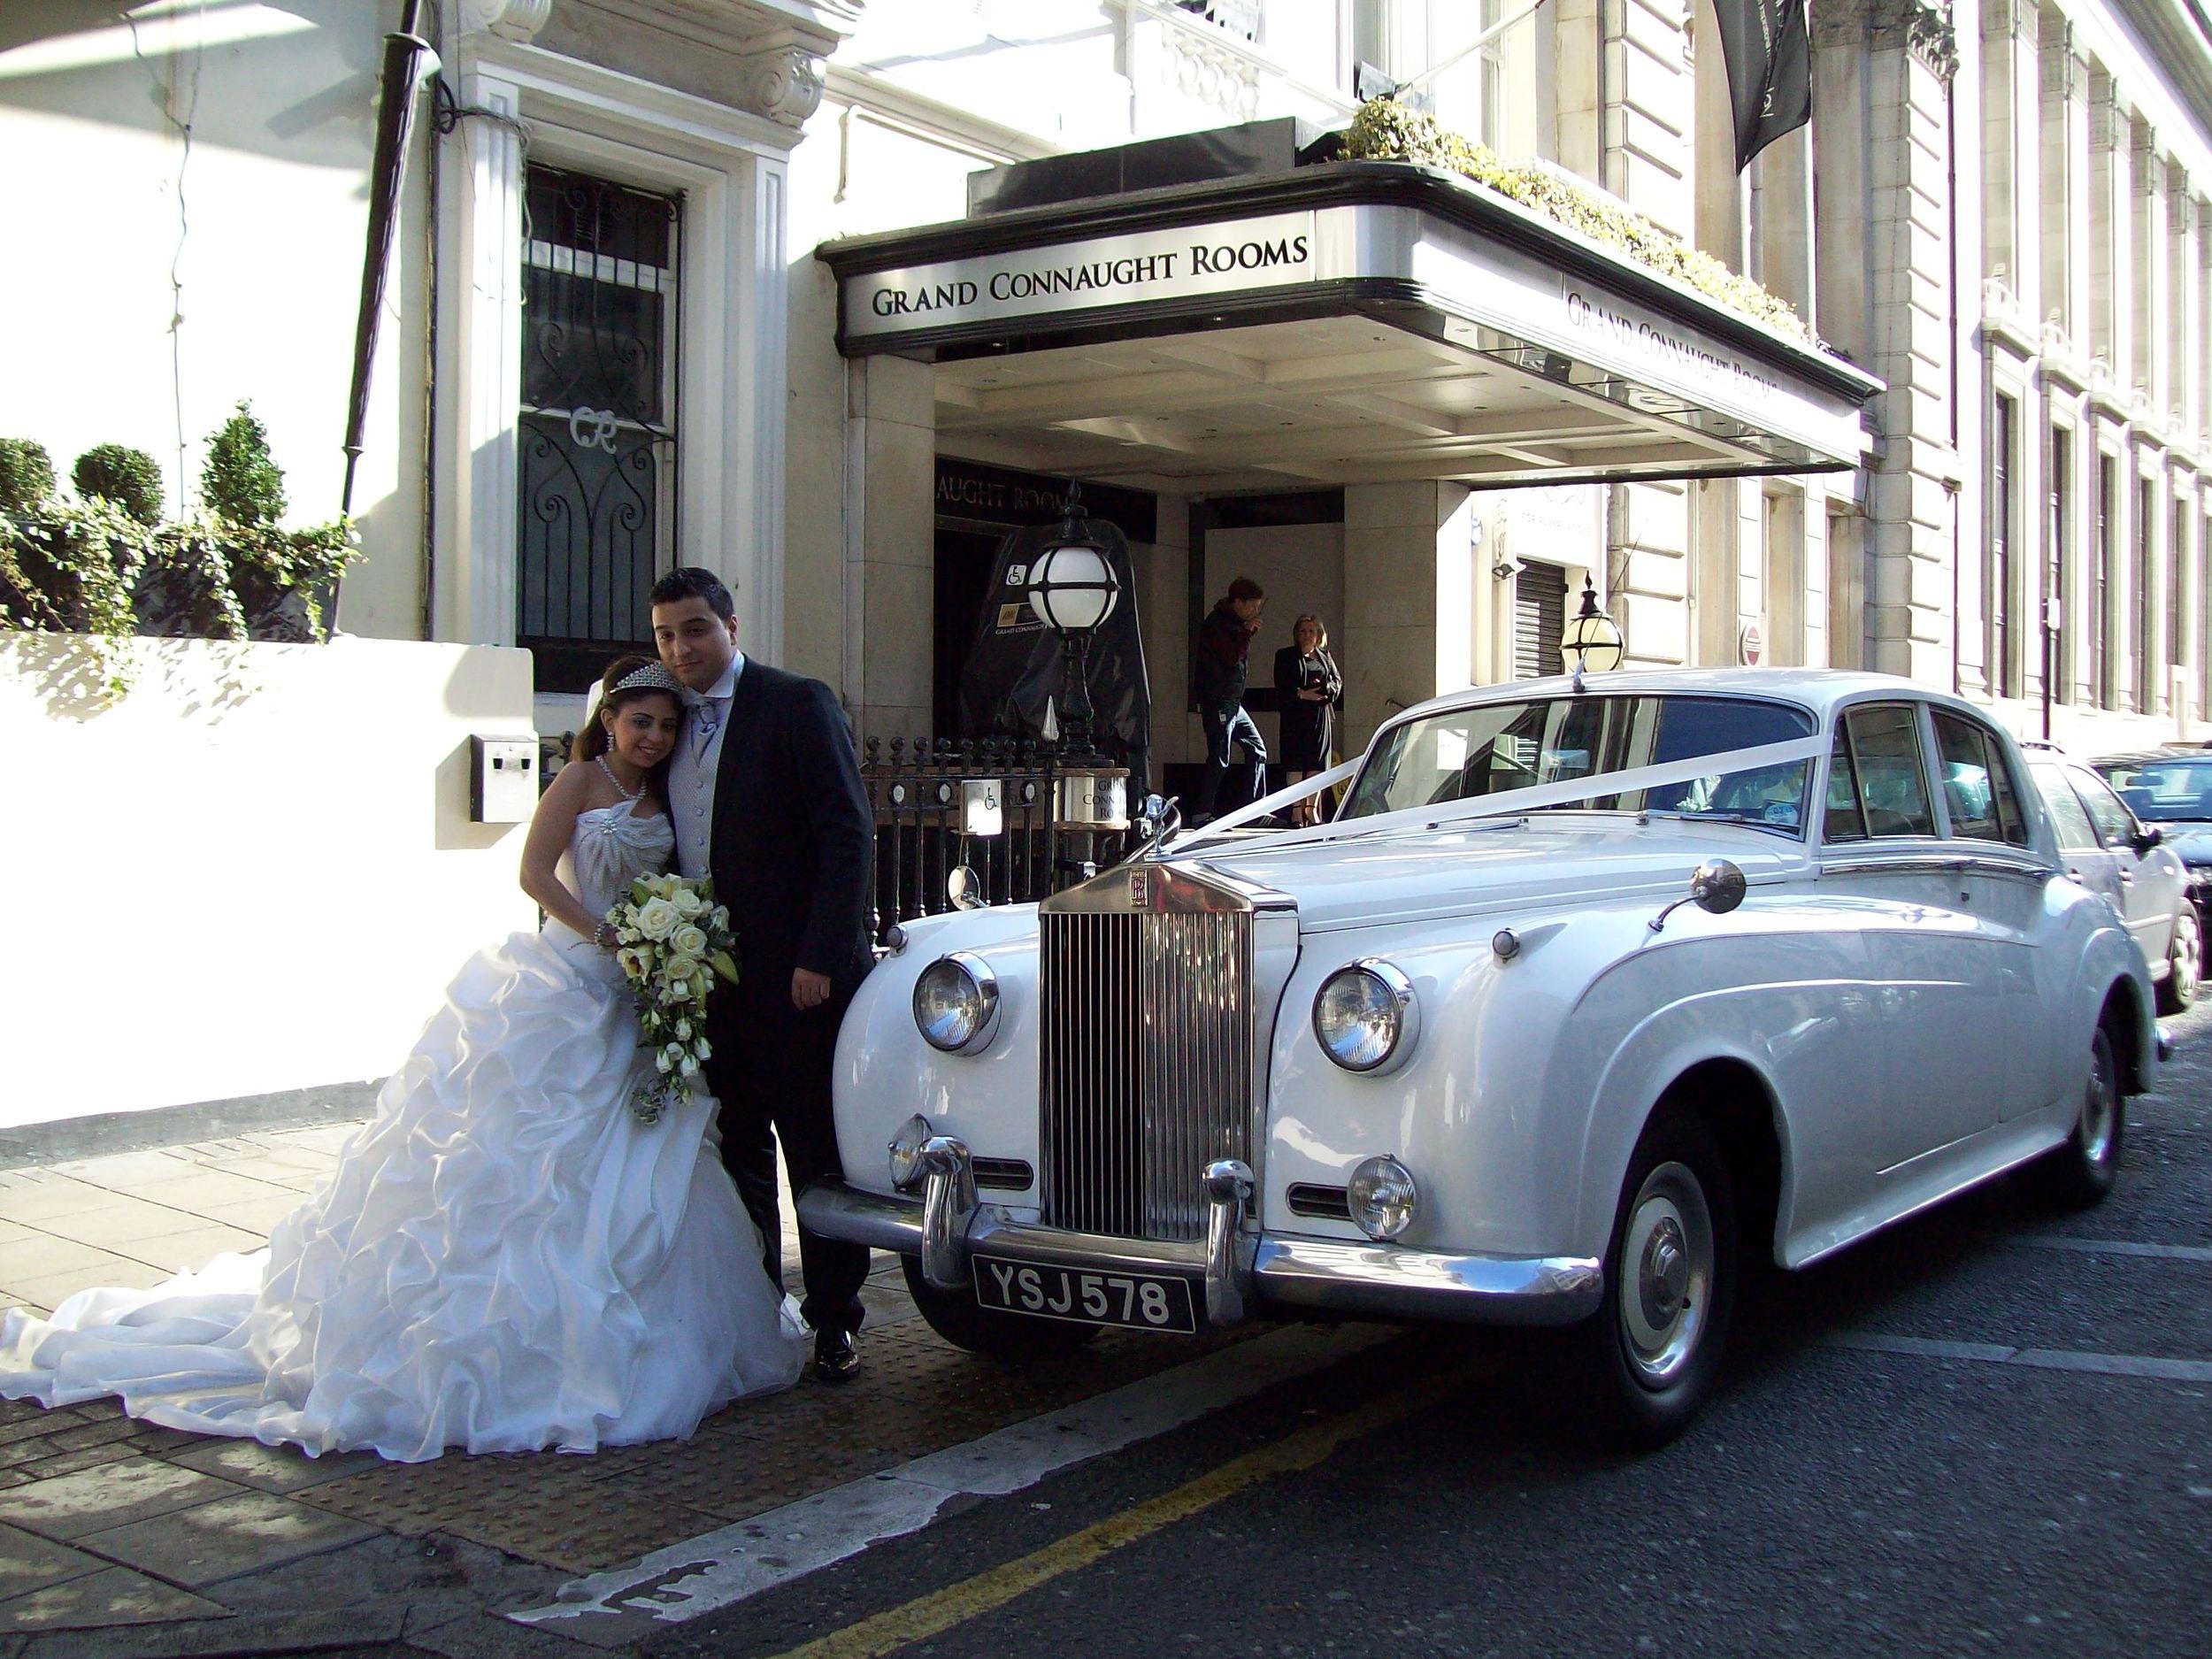 White Rolls Royce Silver Cloud London